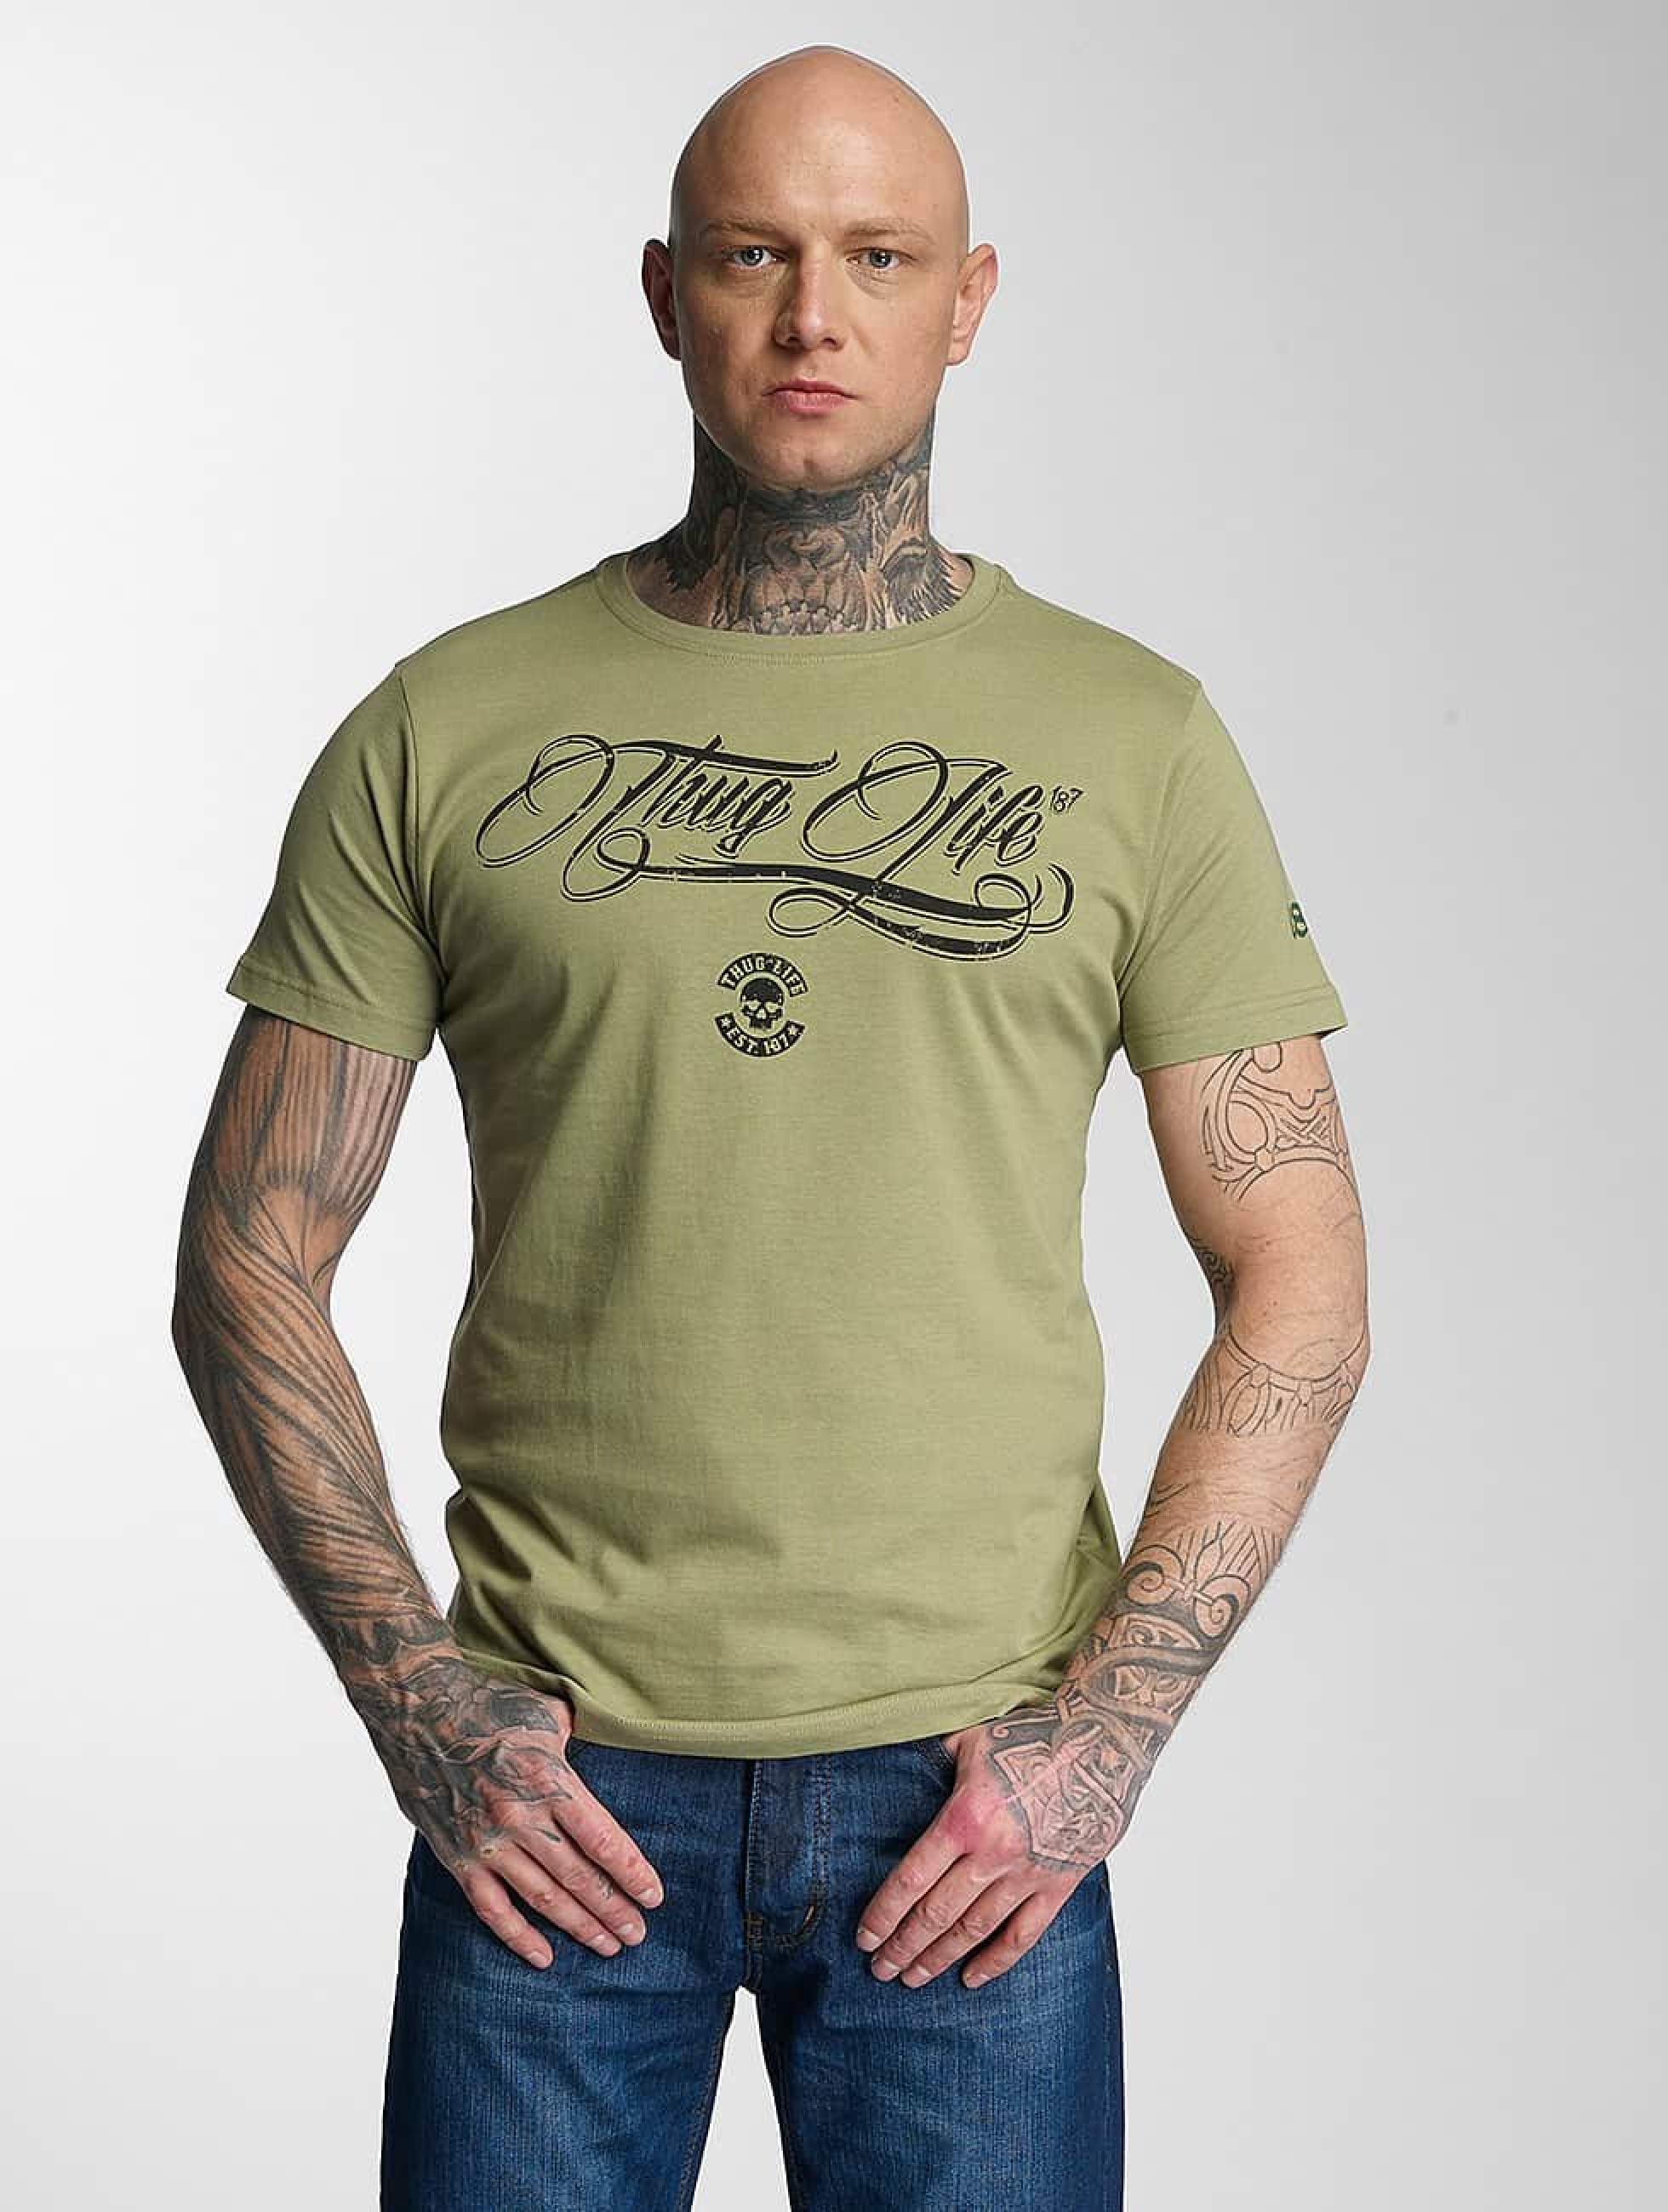 Thug Life / T-Shirt Kursiv in olive XL